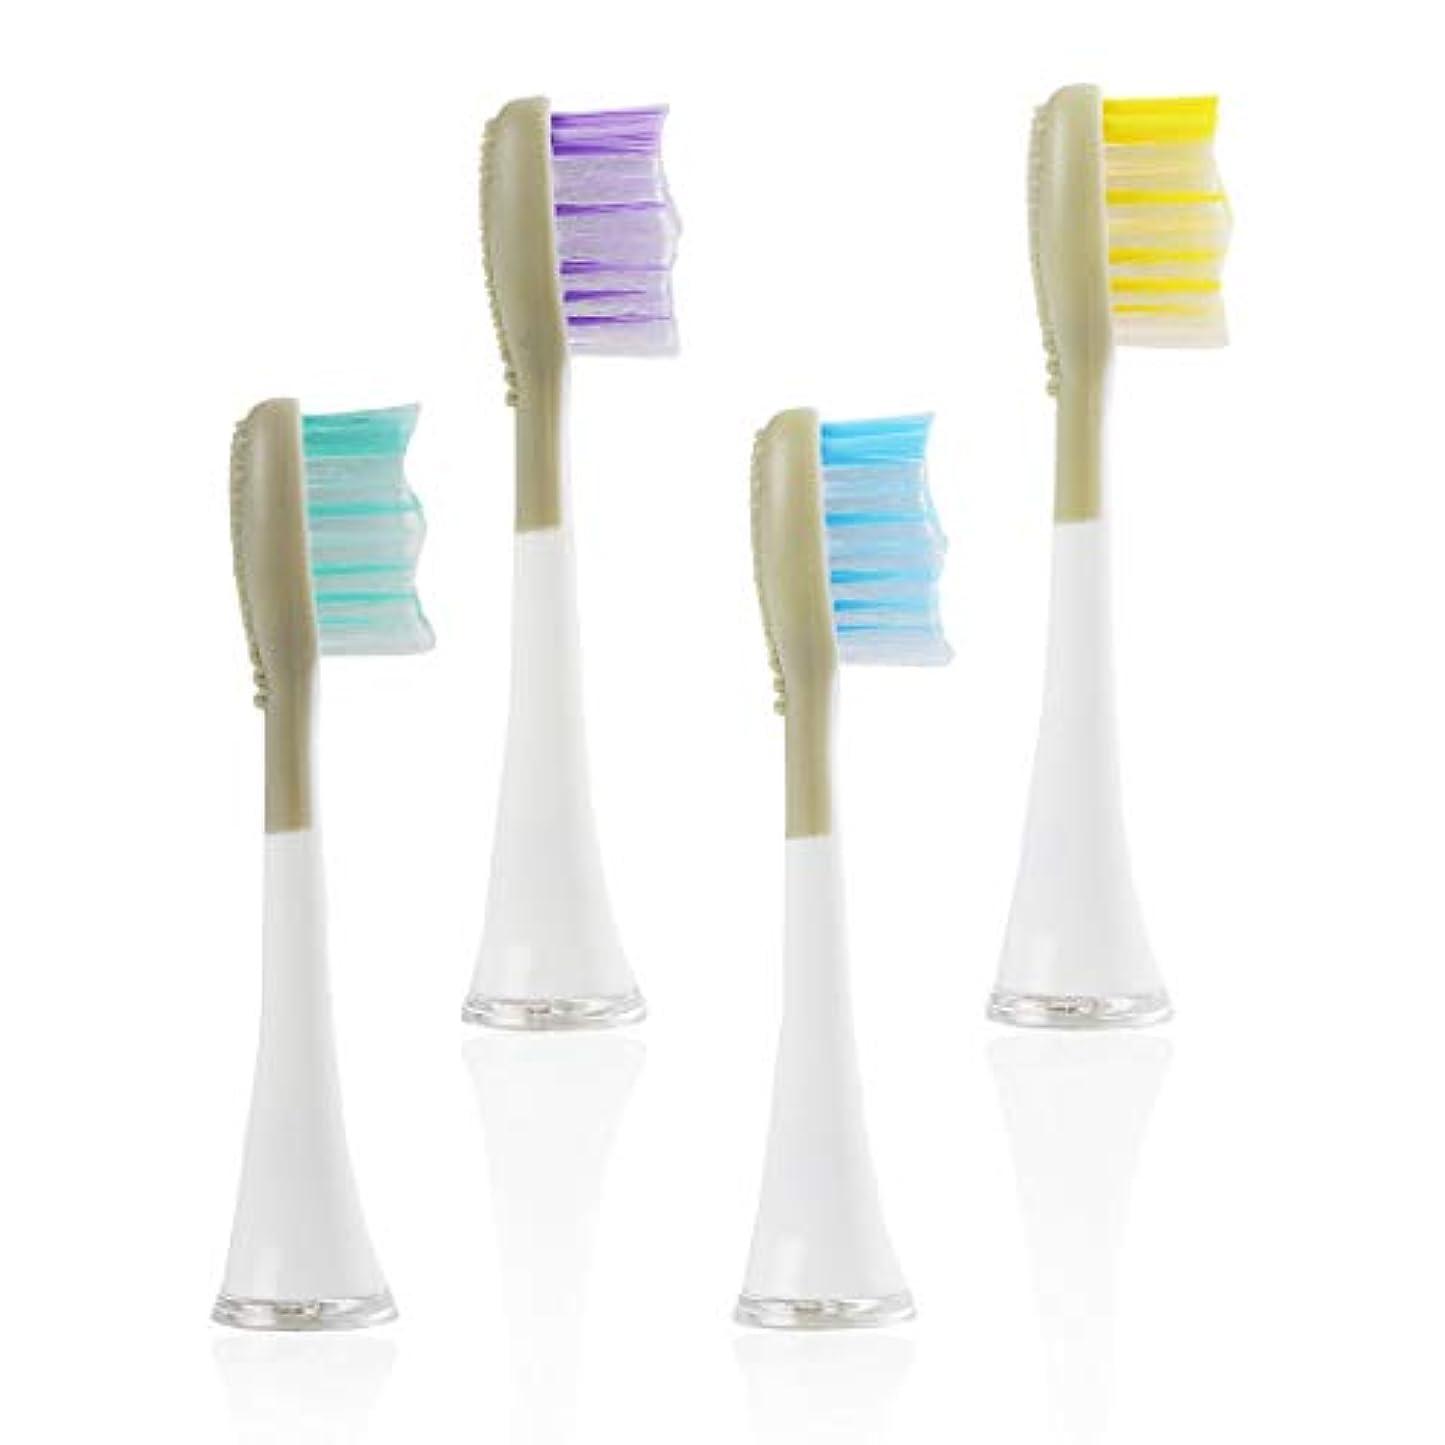 ジュニア長老教育者Qurra 音波式電動歯ブラシ 替えブラシ 4本セット 舌ブラシ付き ワイヤレス充電 IPX7防水 3モード搭載 歯垢除去 ホワイトニング - 替えブラシ4本